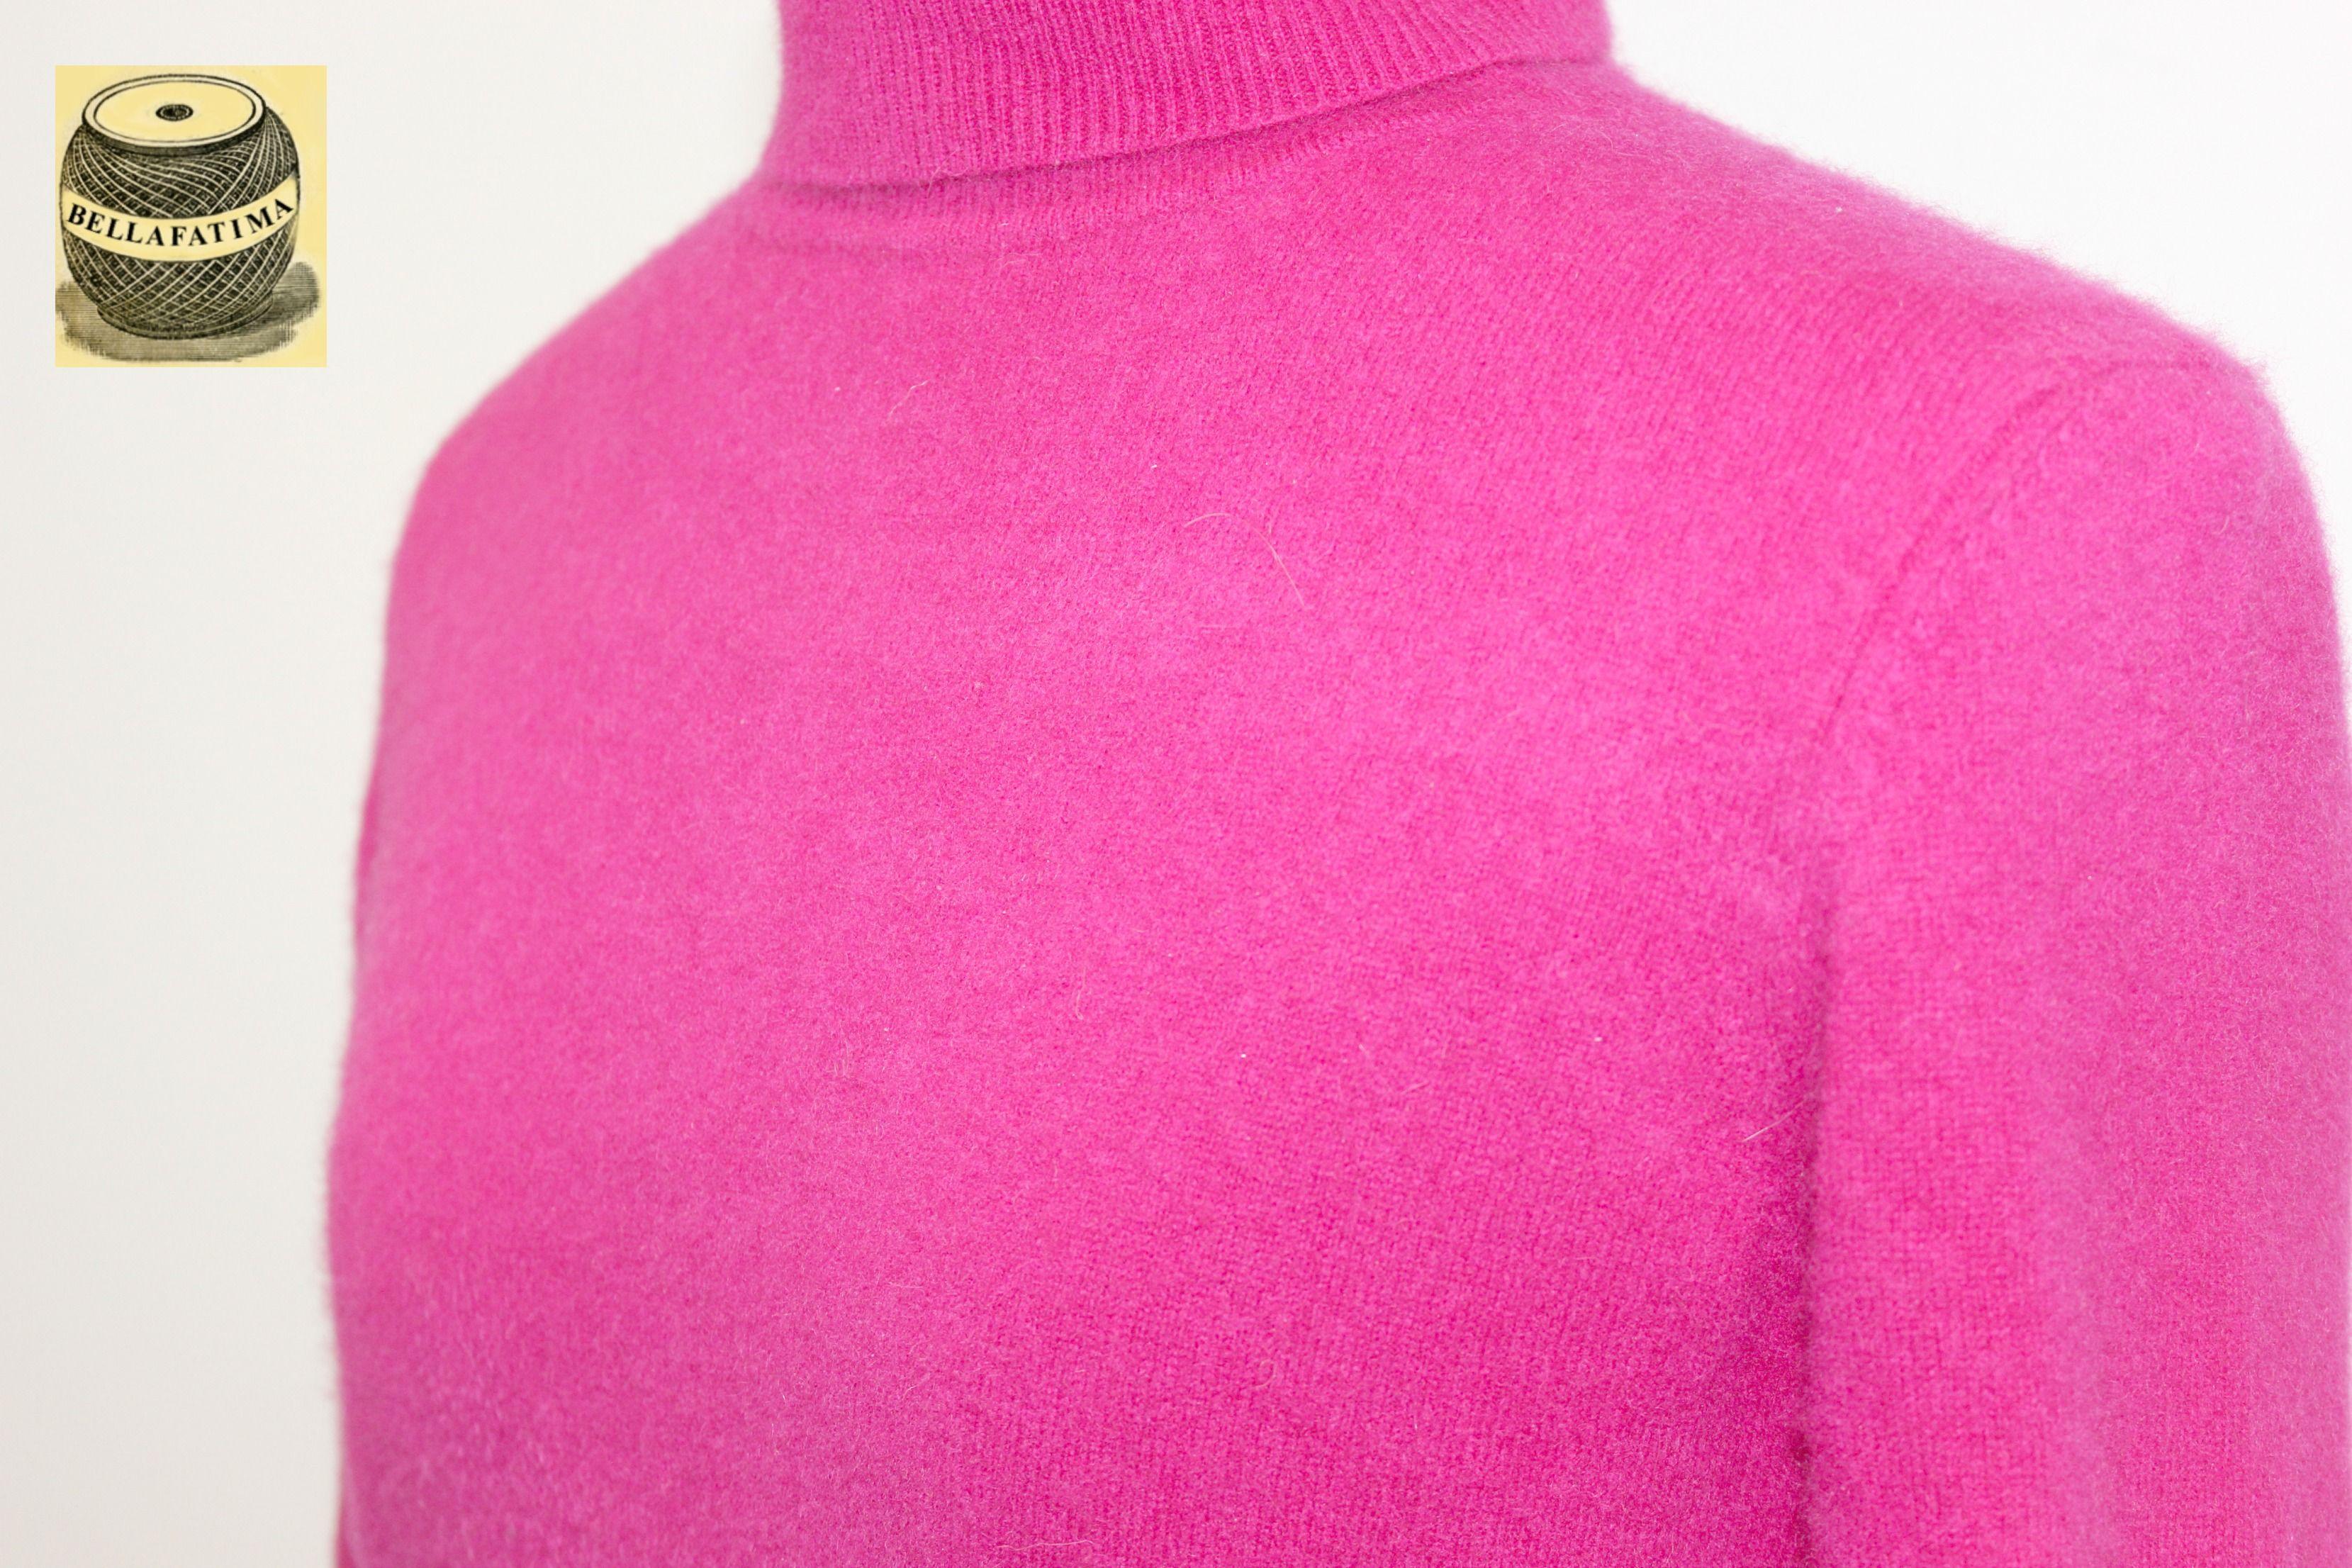 Hot Pink Cashmere Turtleneck by Valerie Stevens. $24.99 pict 2 ...